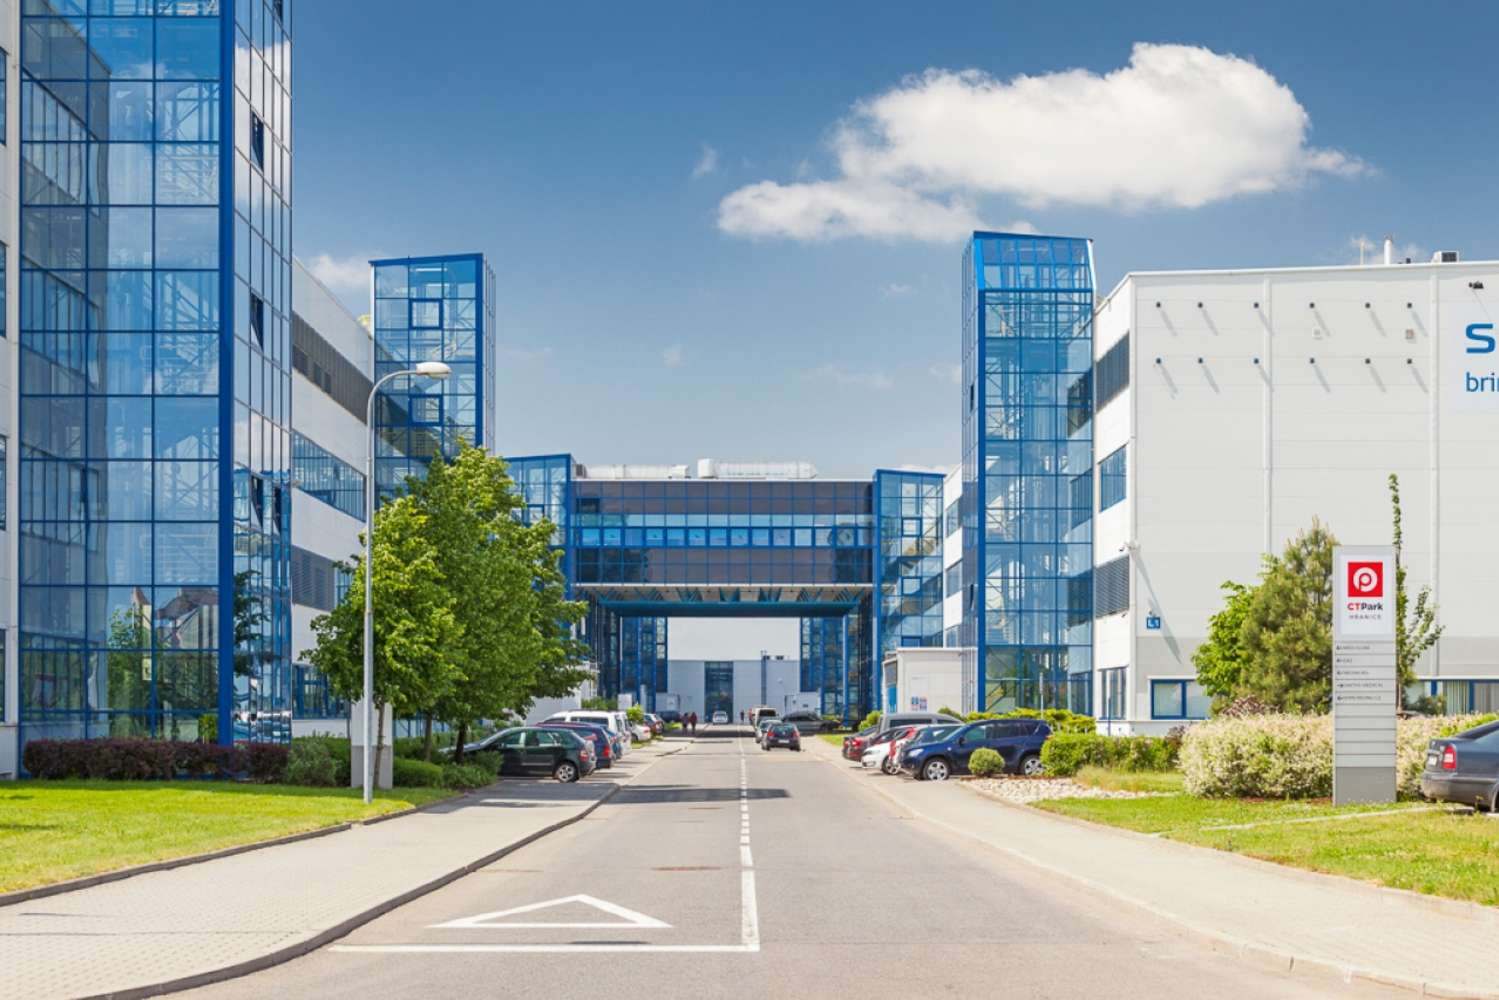 Průmyslové nemovitosti Hranice,  - CTPark Hranice - 236471282624026